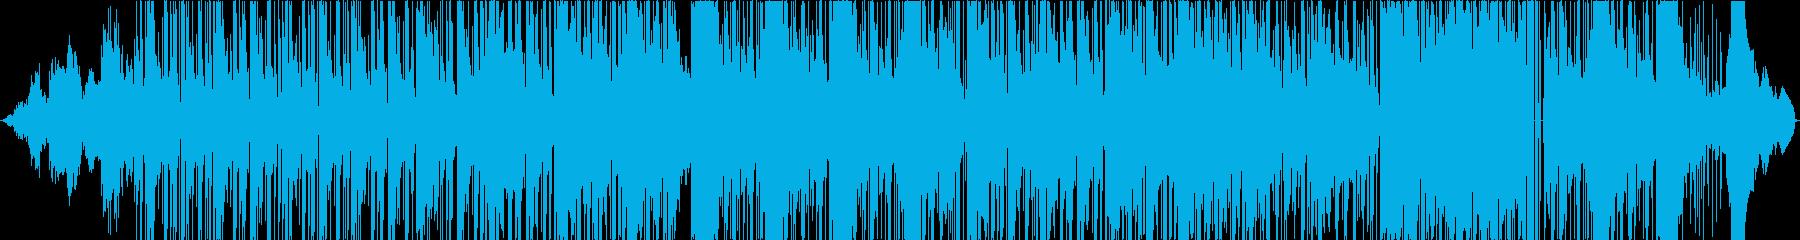 オシャレなギターが特徴的なファンク曲の再生済みの波形